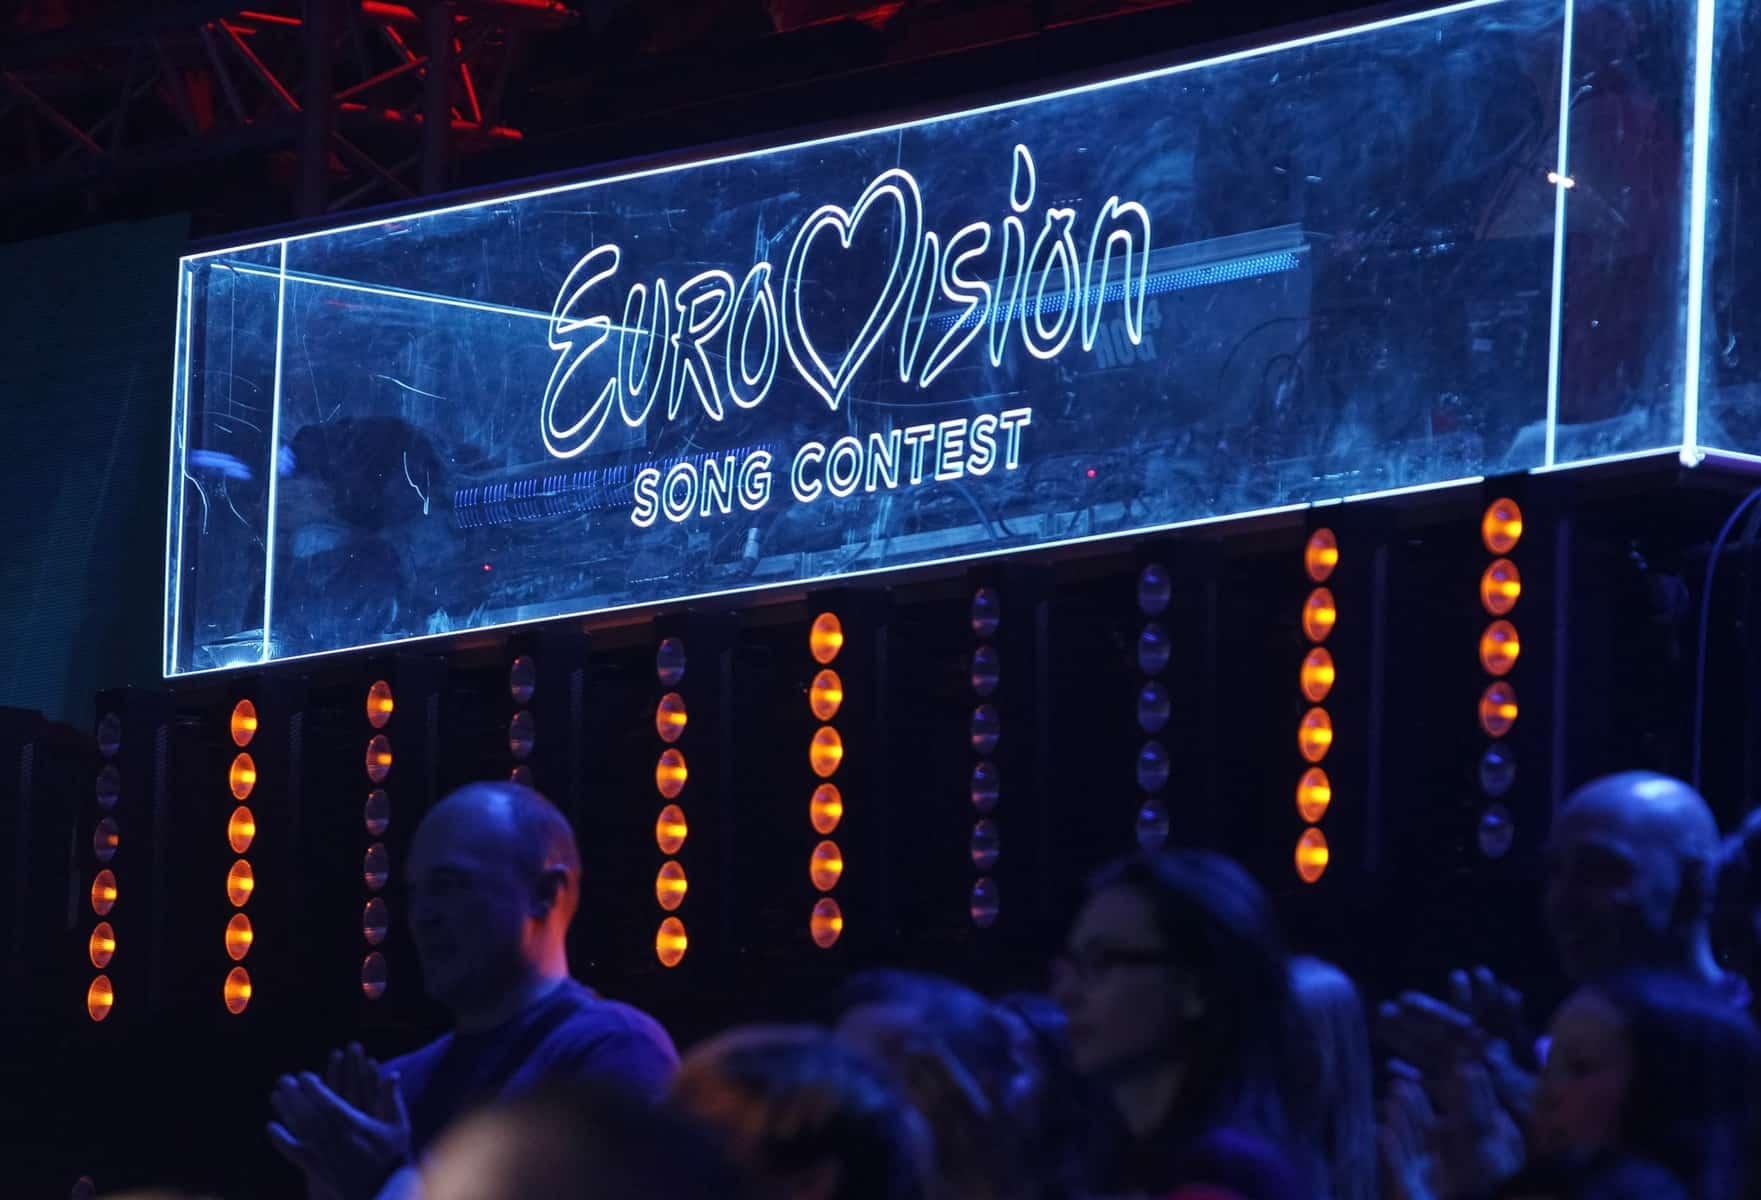 Евровидение пройдет по новым правилам в 2021 году: кто представит Россию